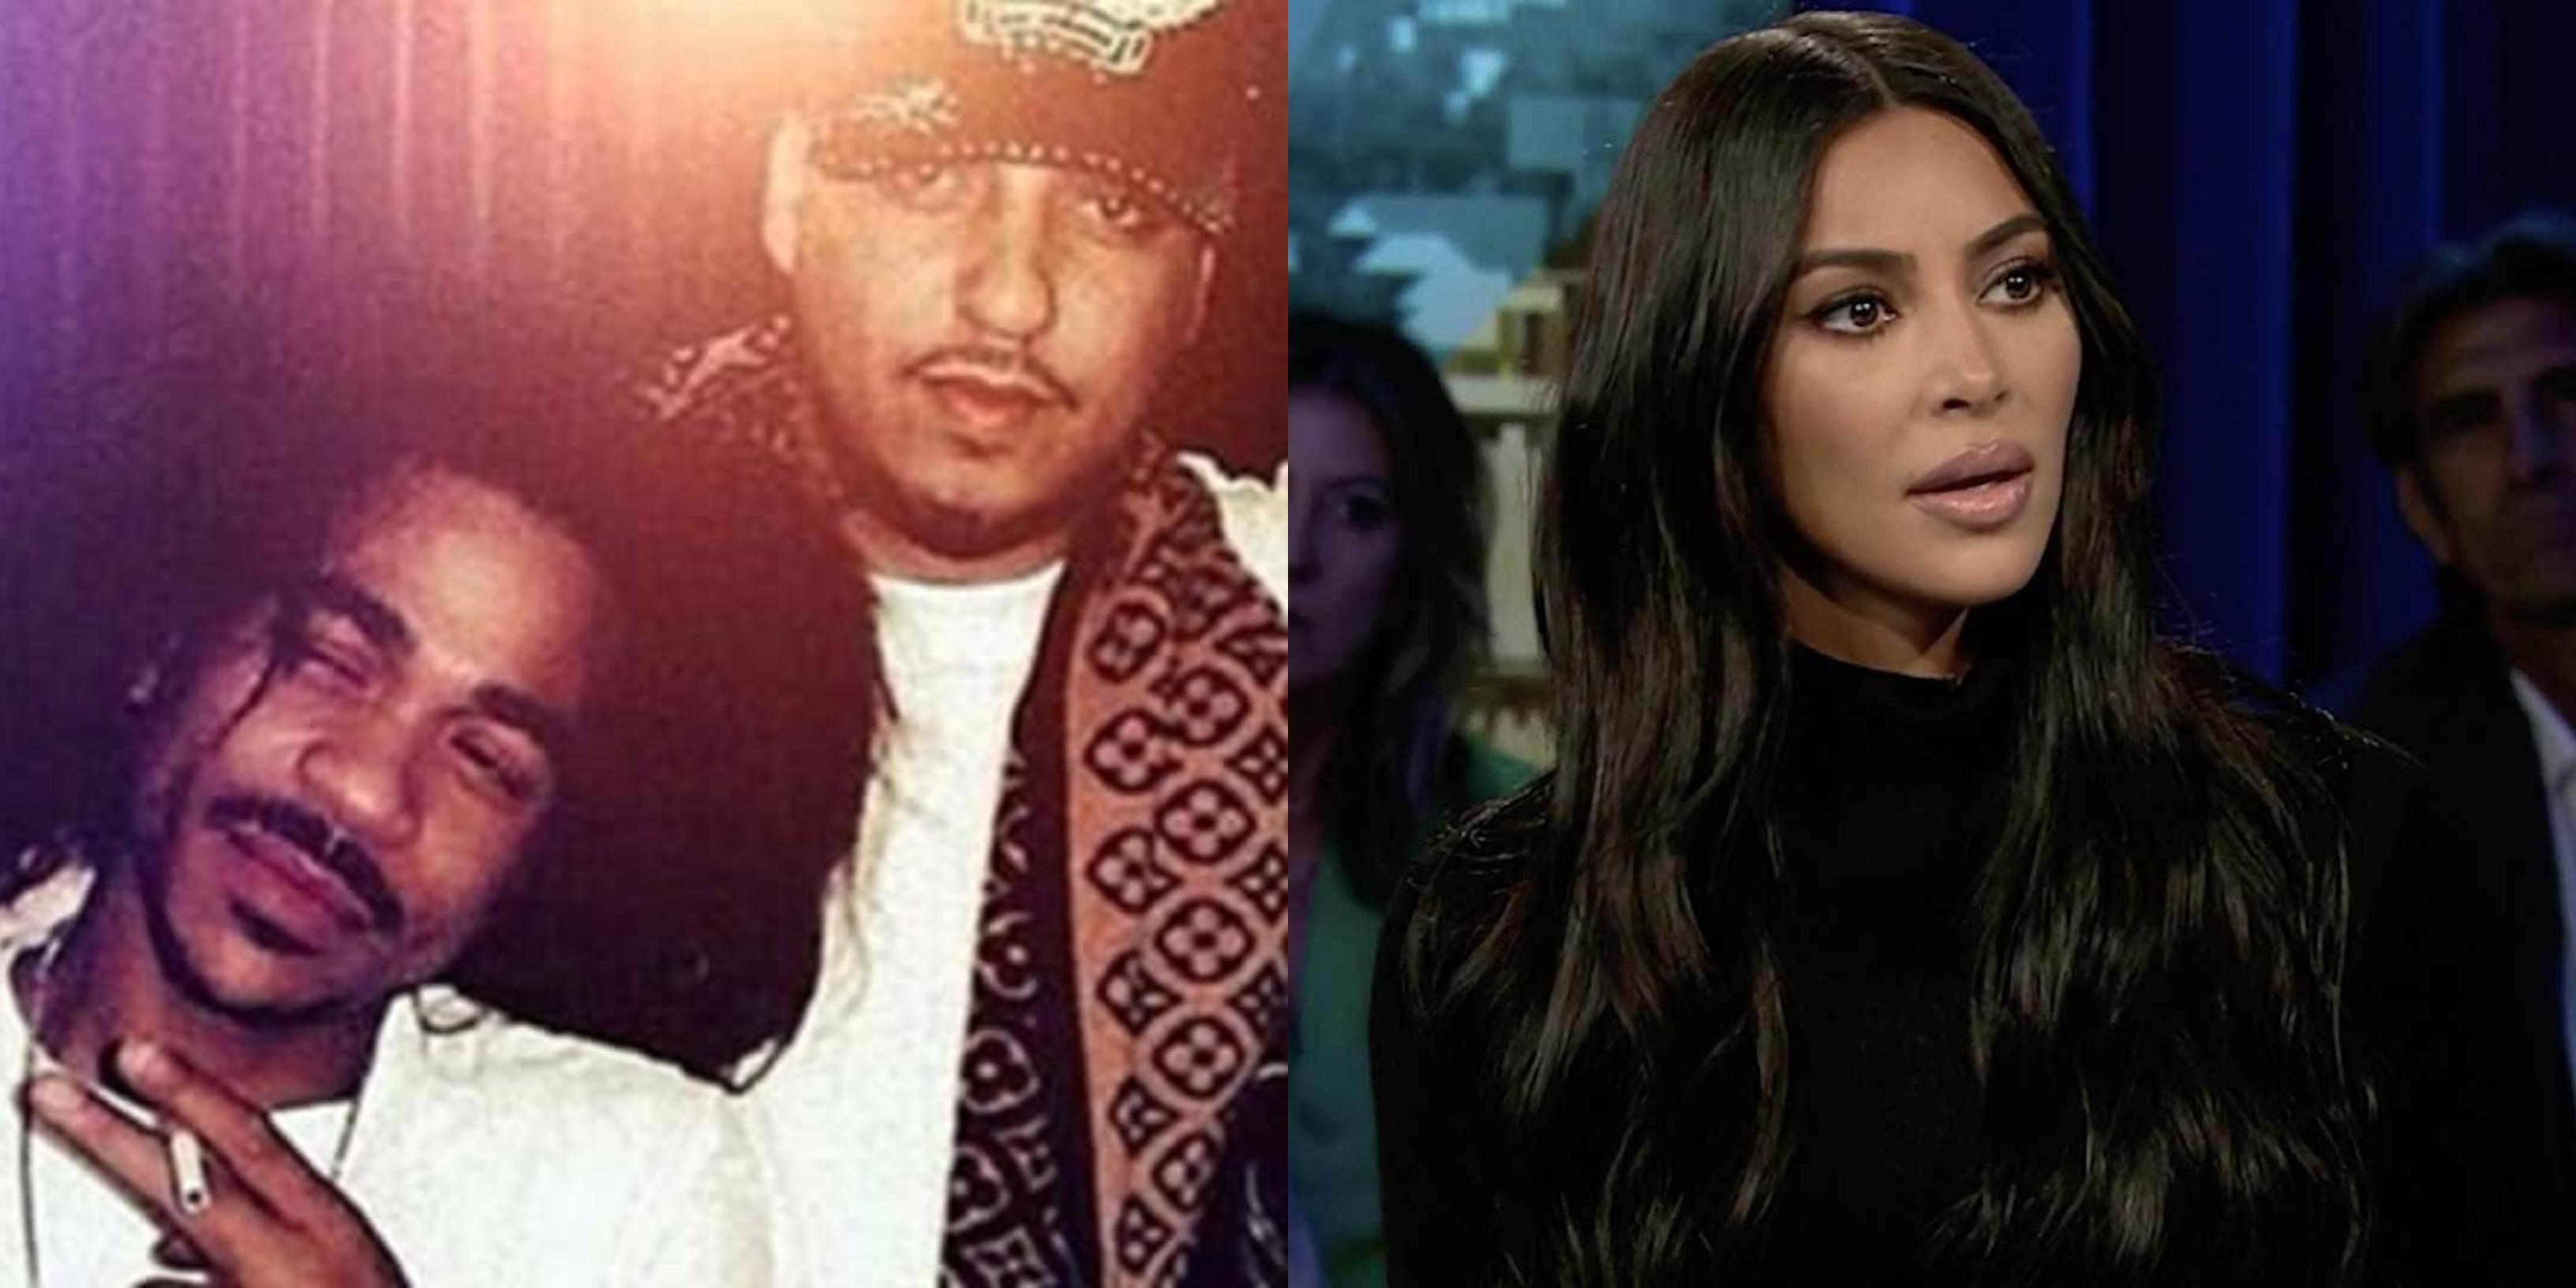 French Montana in Talks With Kim Kardashian to Free Max B